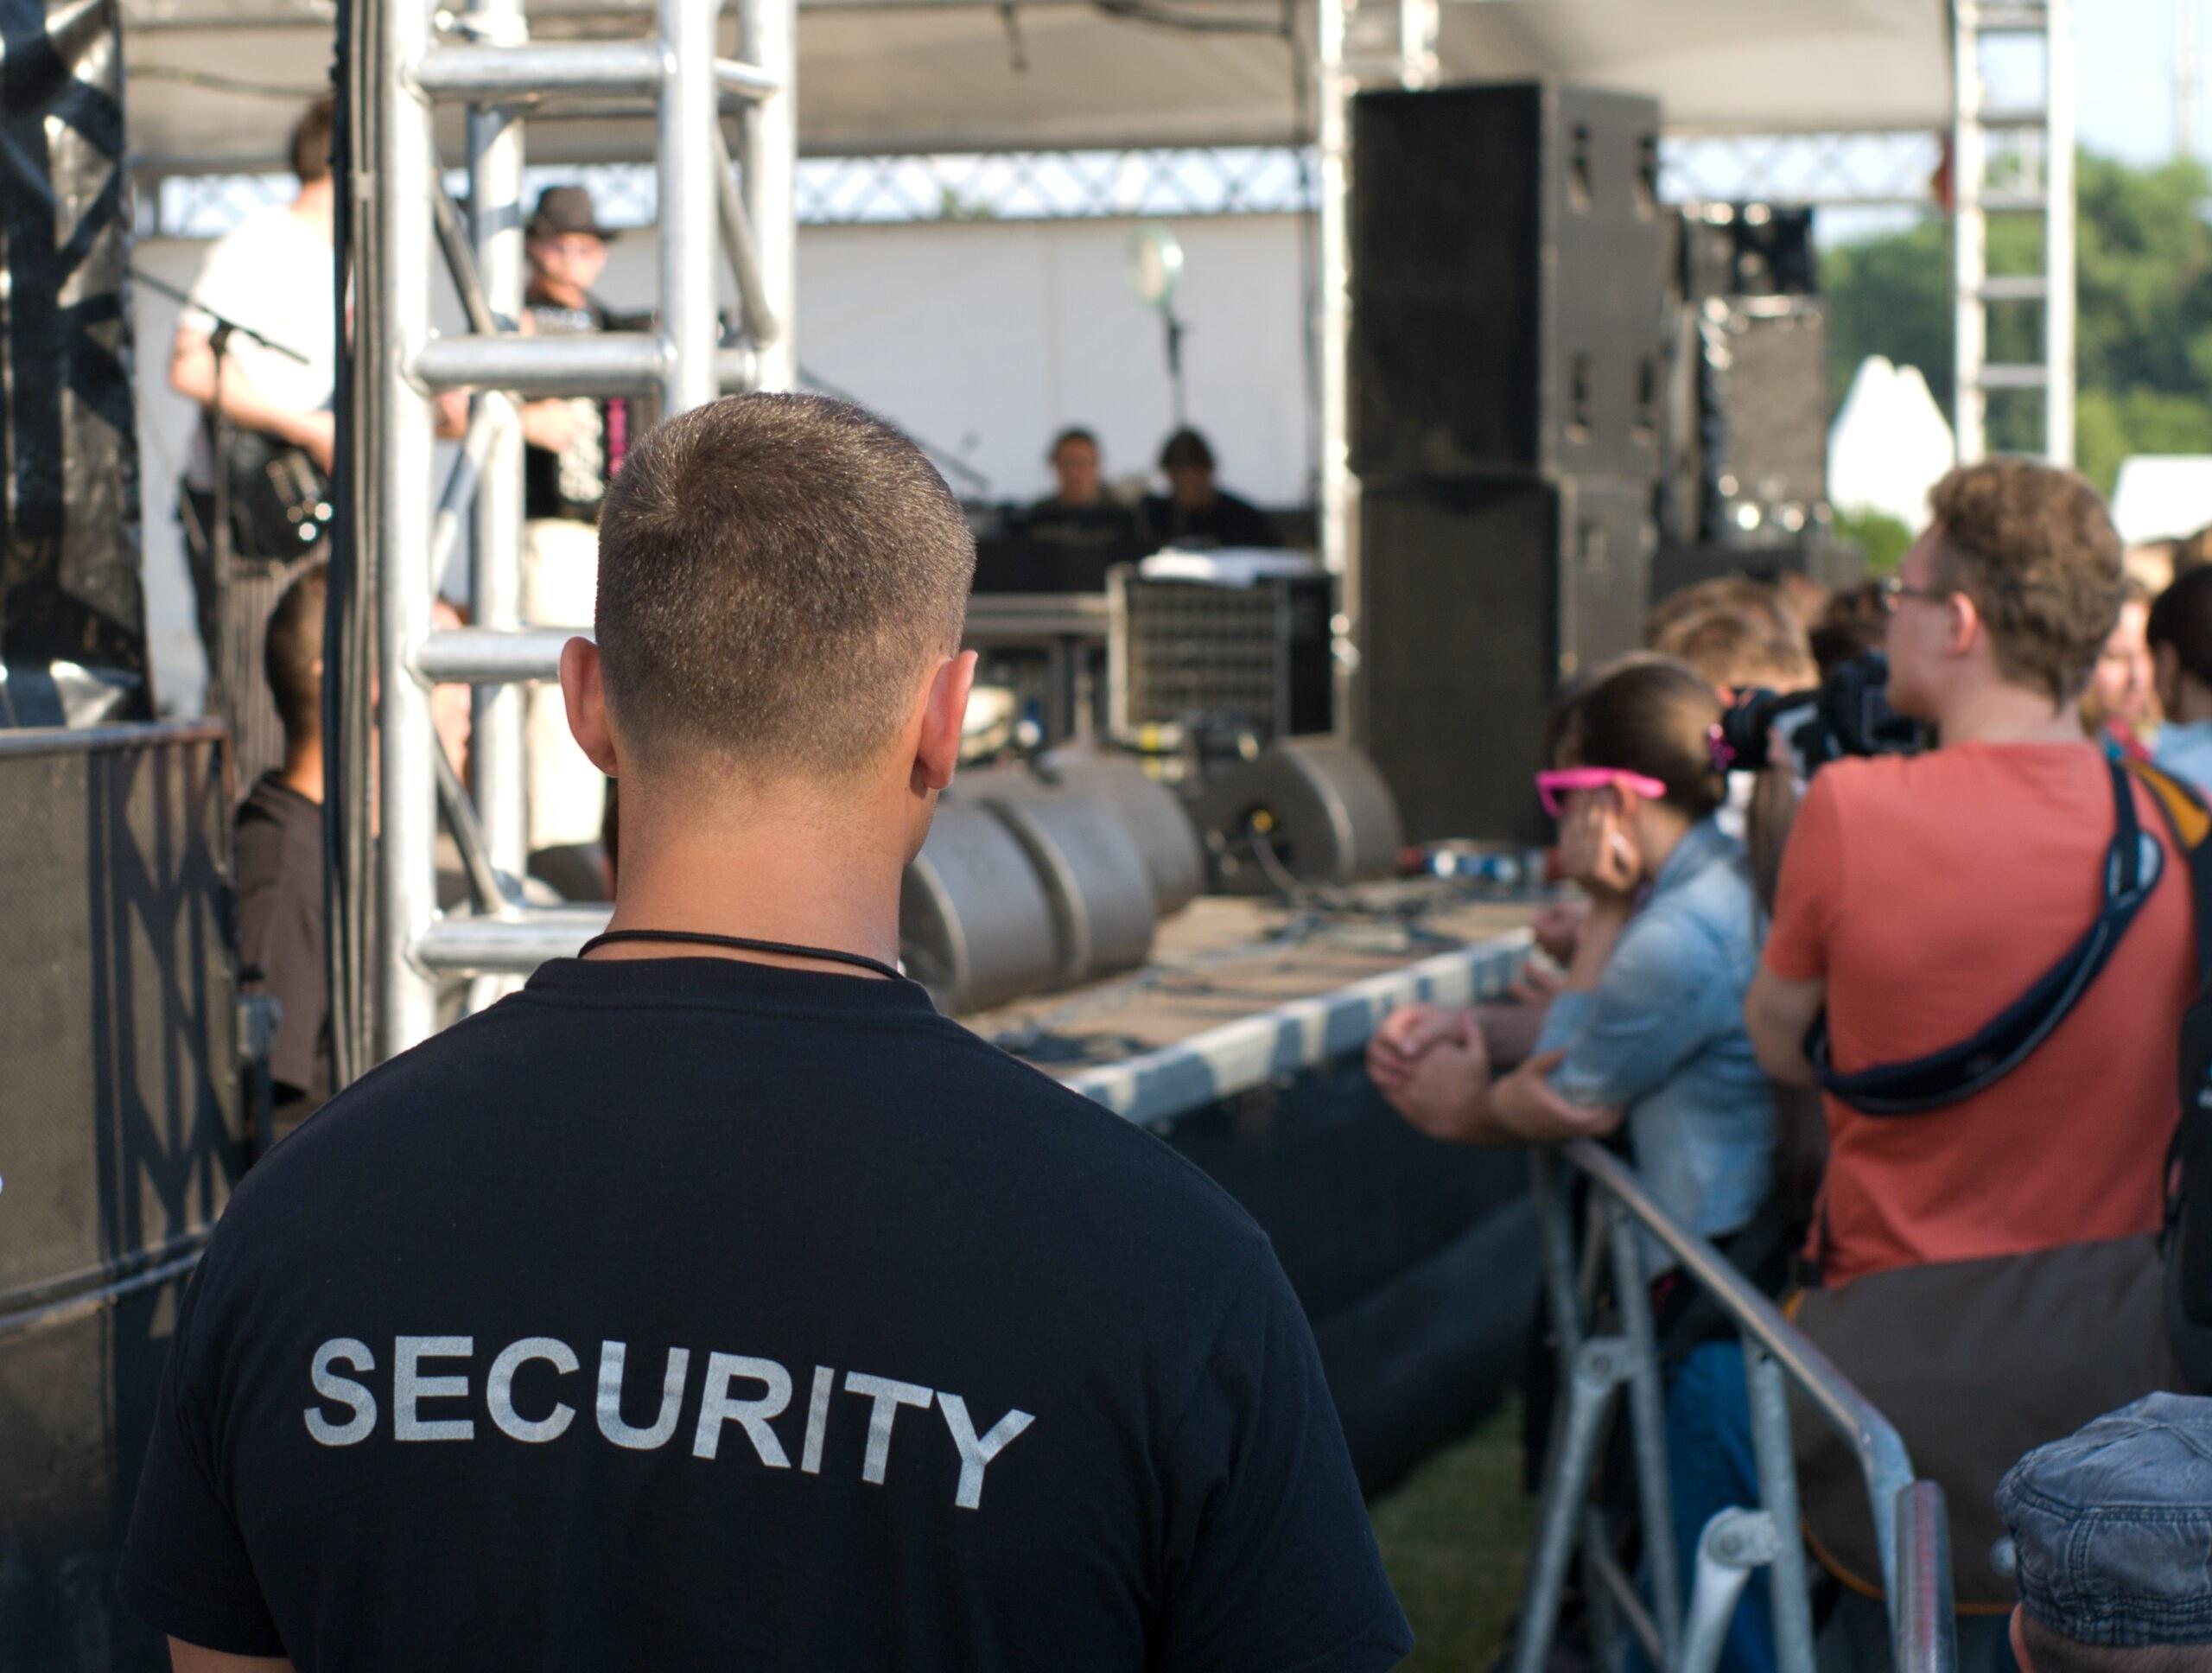 Standwache essen, Messewache, Messeschutz, Standschutz, Sicherheitsdienst, Messebewachung